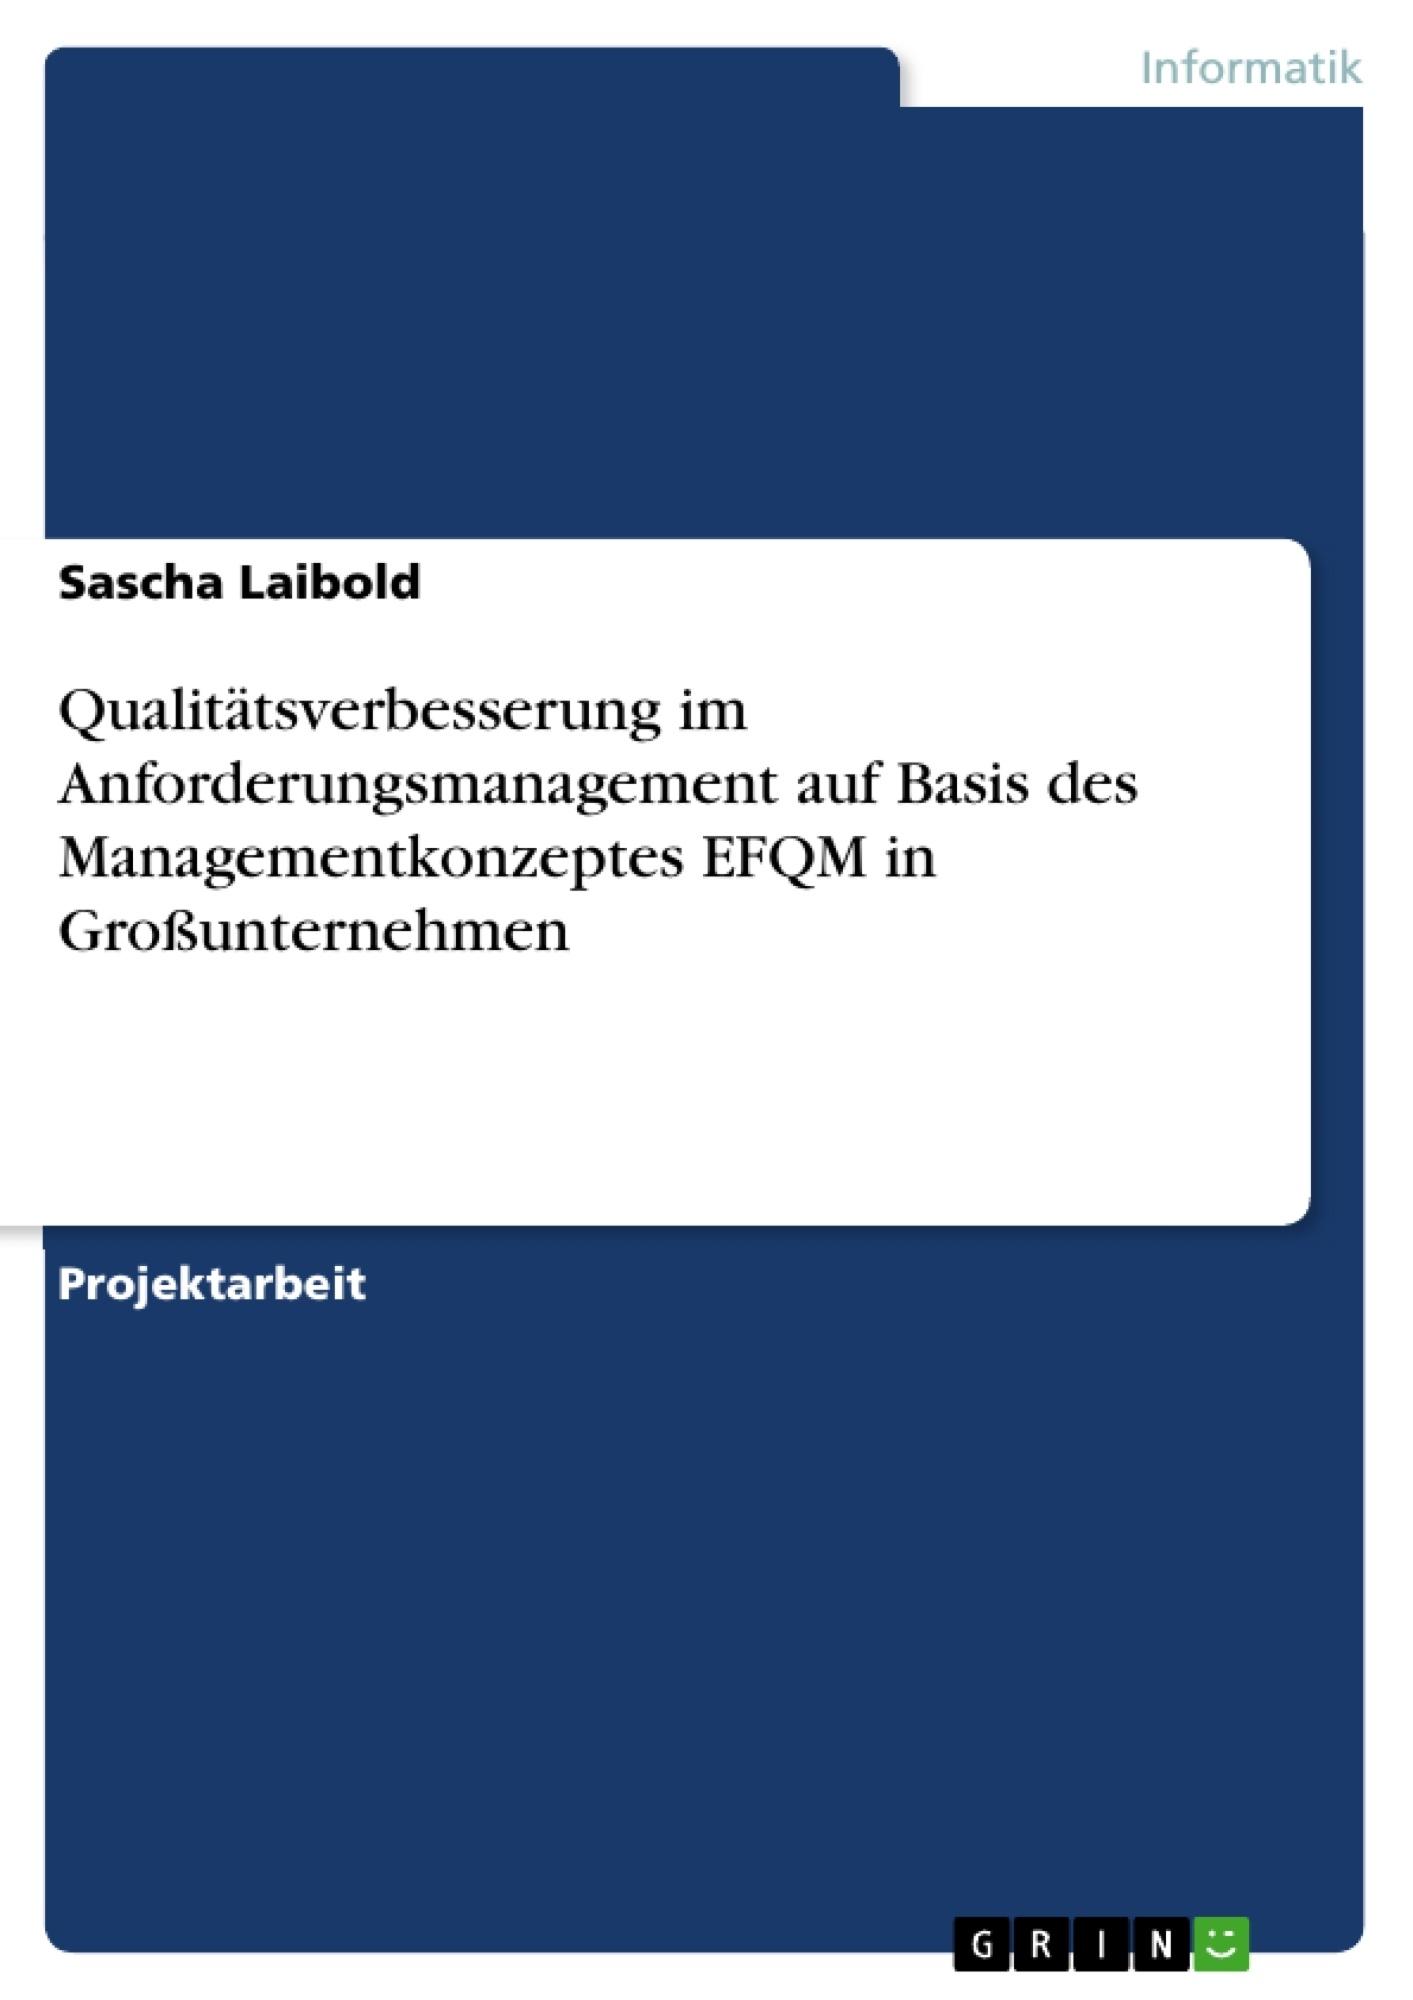 Titel: Qualitätsverbesserung im Anforderungsmanagement auf Basis des Managementkonzeptes EFQM in  Großunternehmen